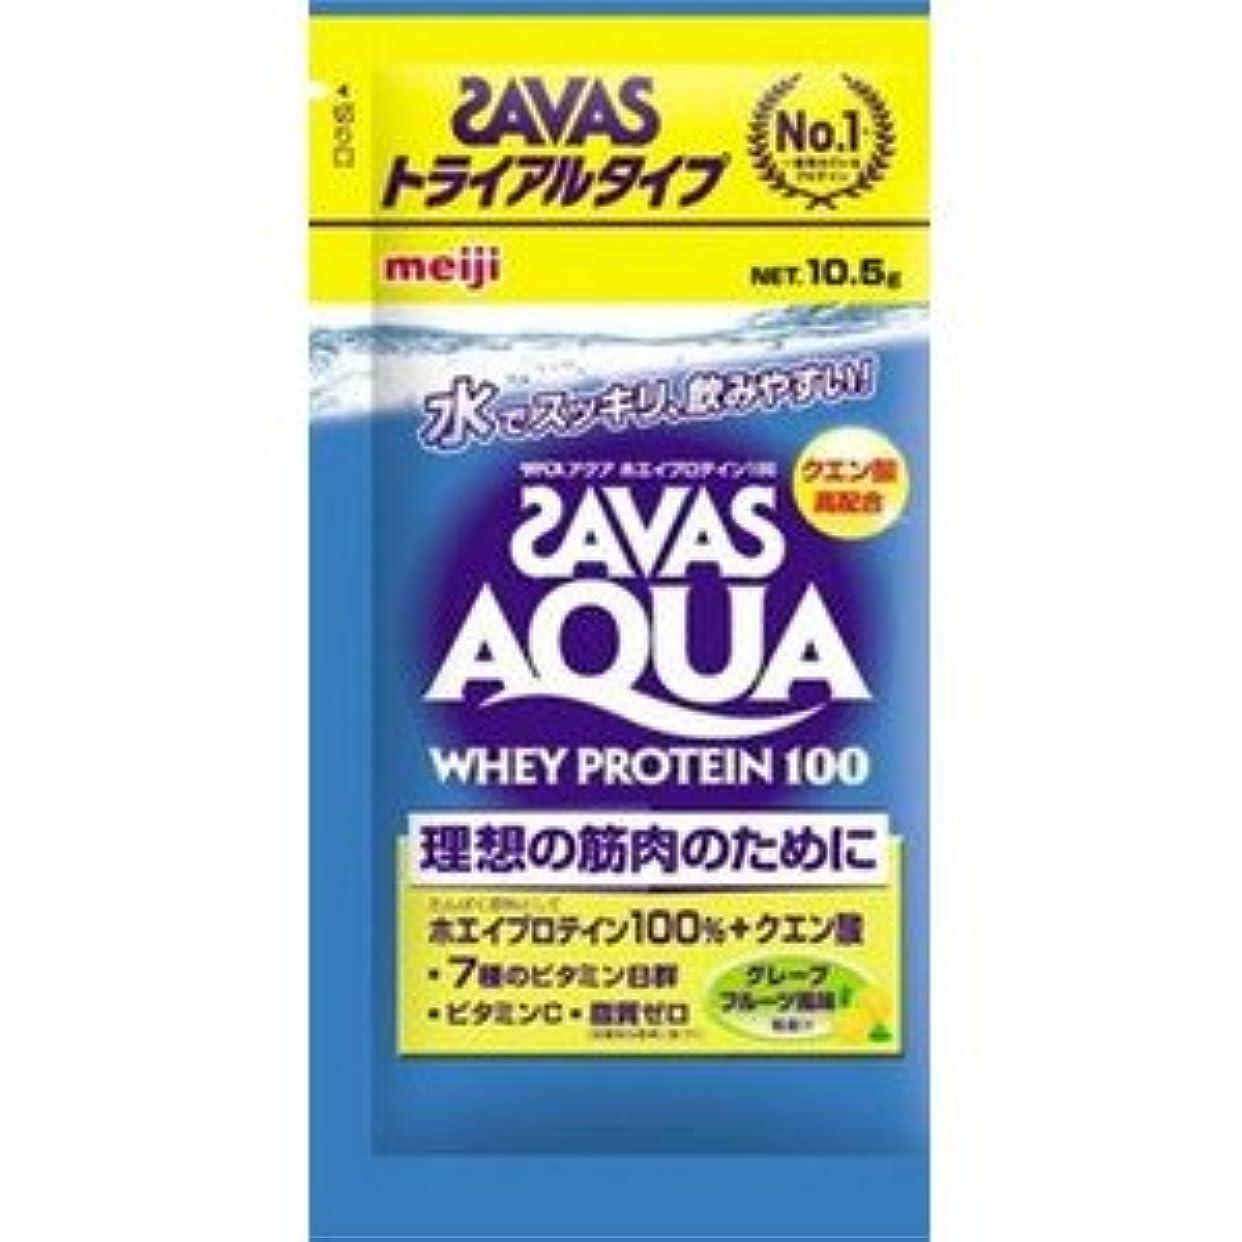 確率軽食遠征(ロート製薬)肌研 極潤ヒアルロン洗顔フォーム 100g(お買い得3本セット)